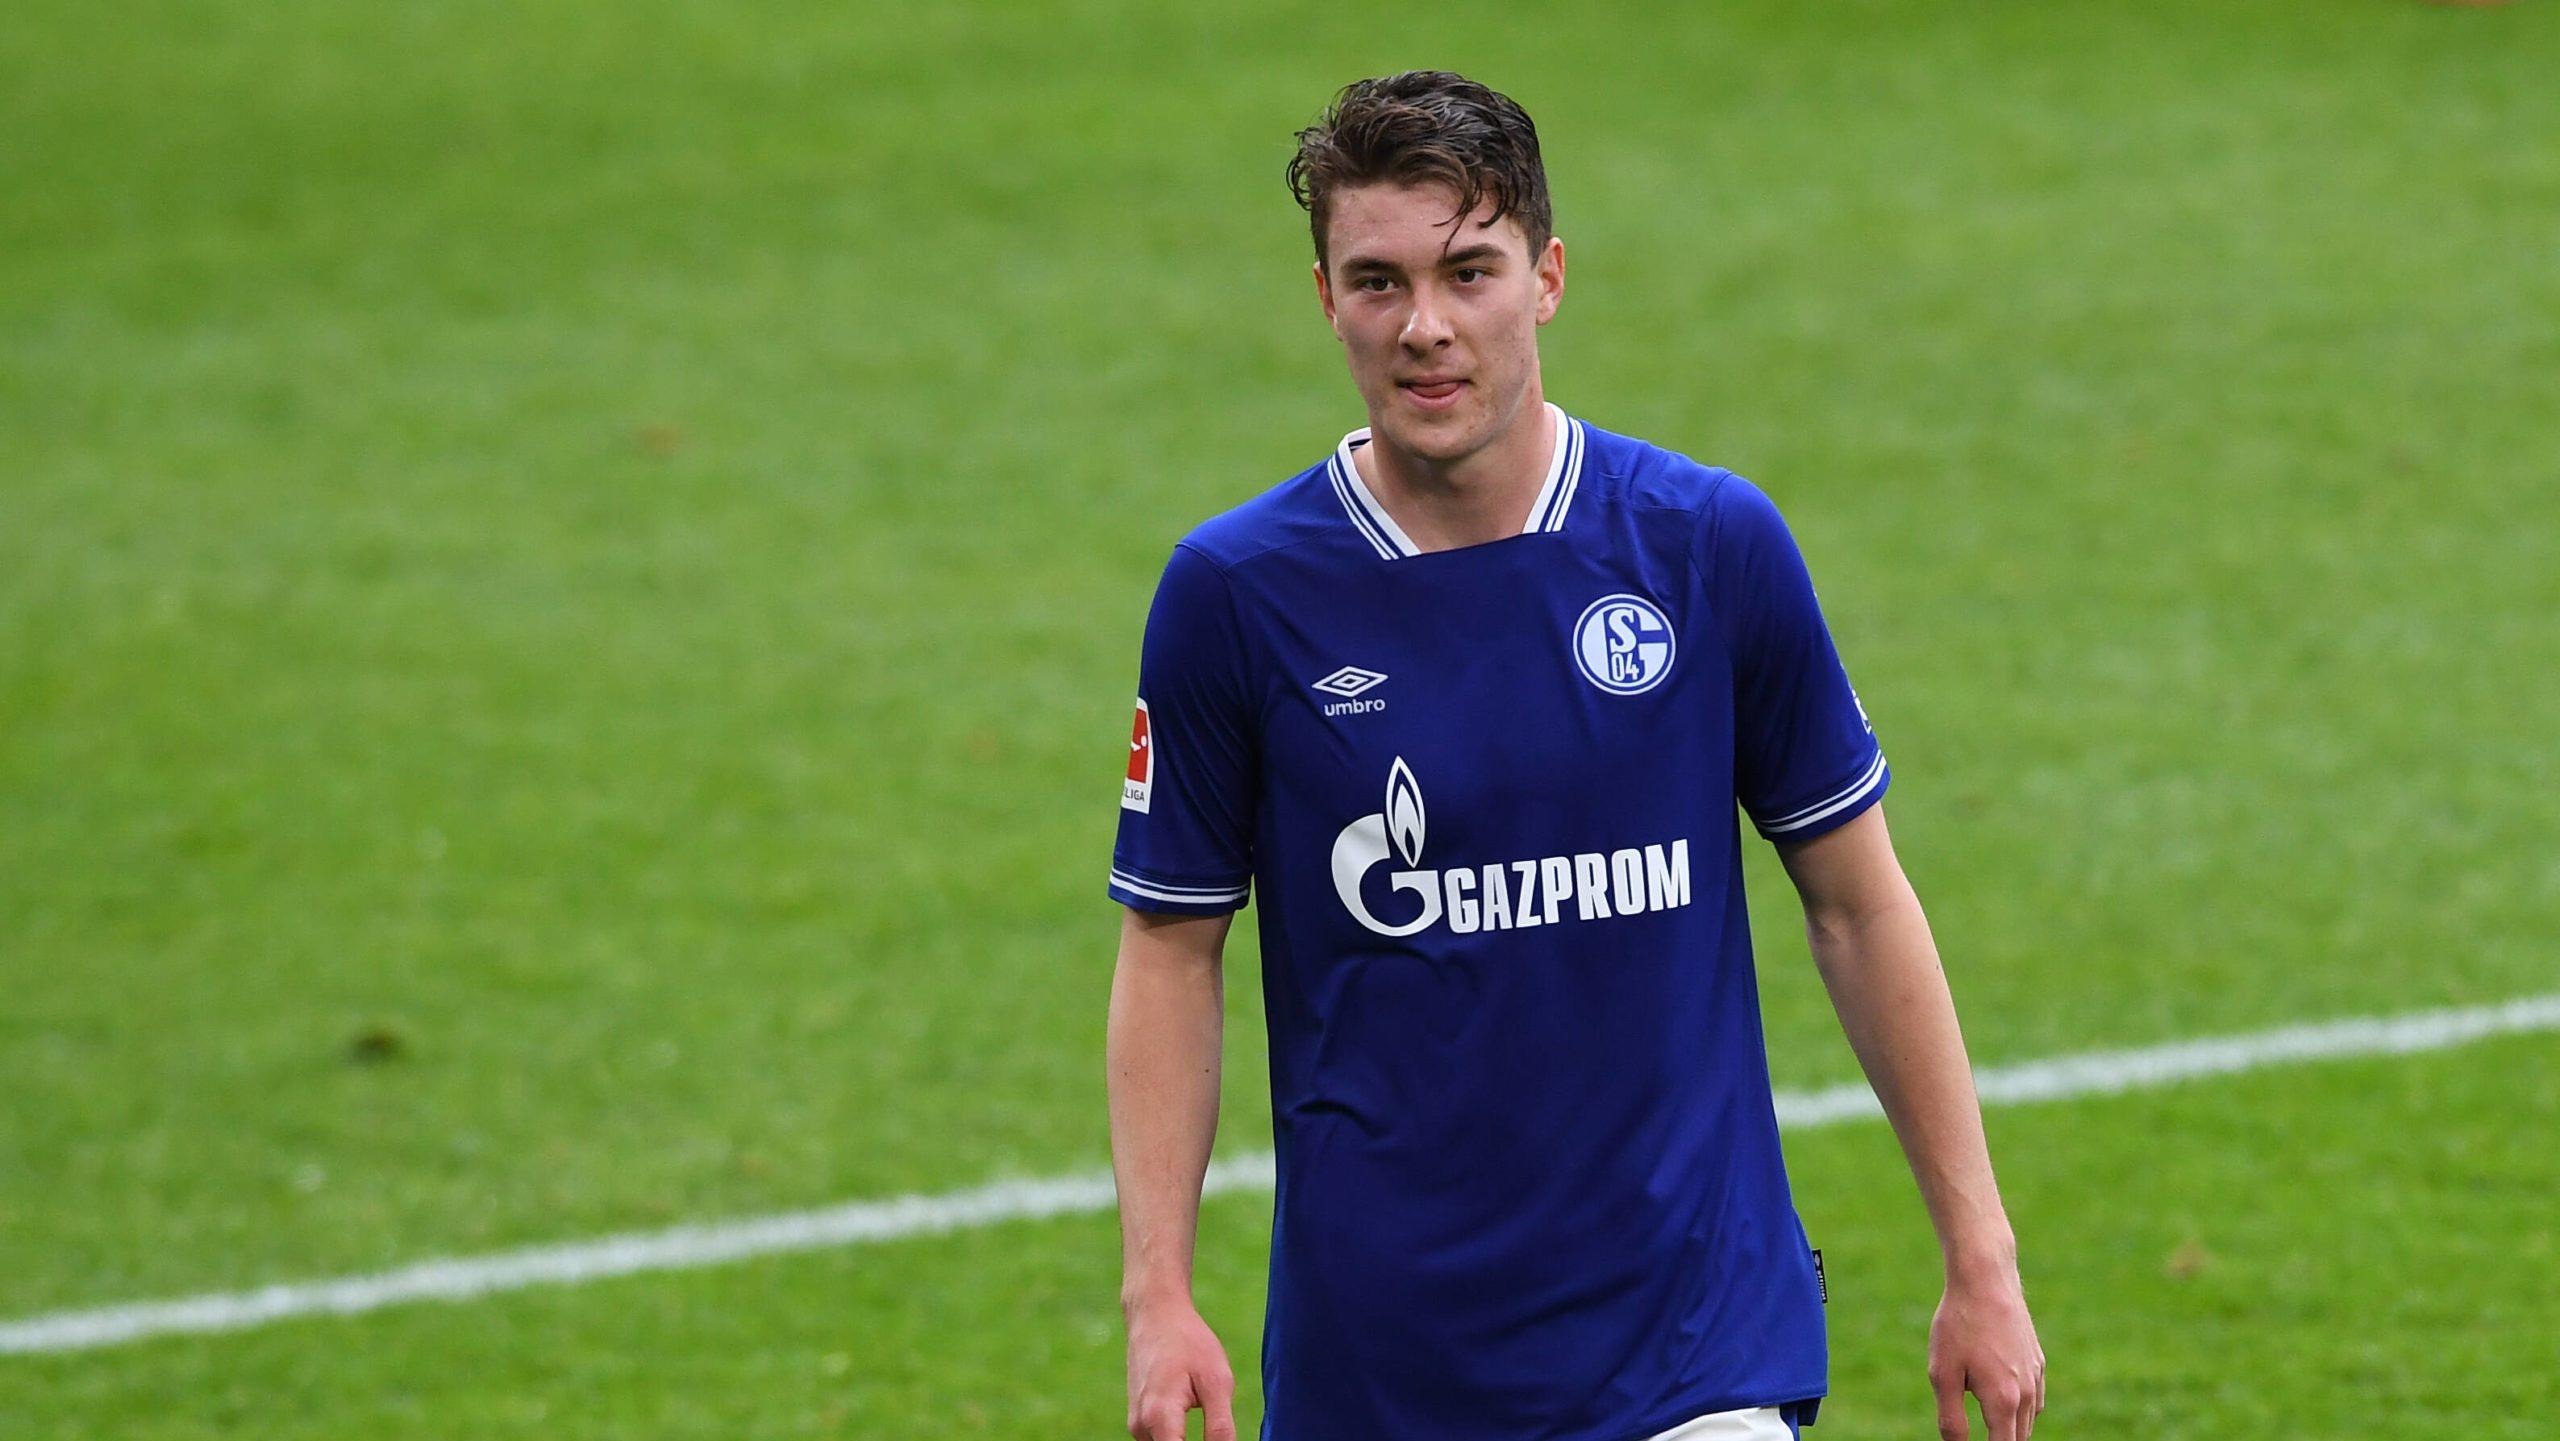 Schalke: 2021/22 season preview